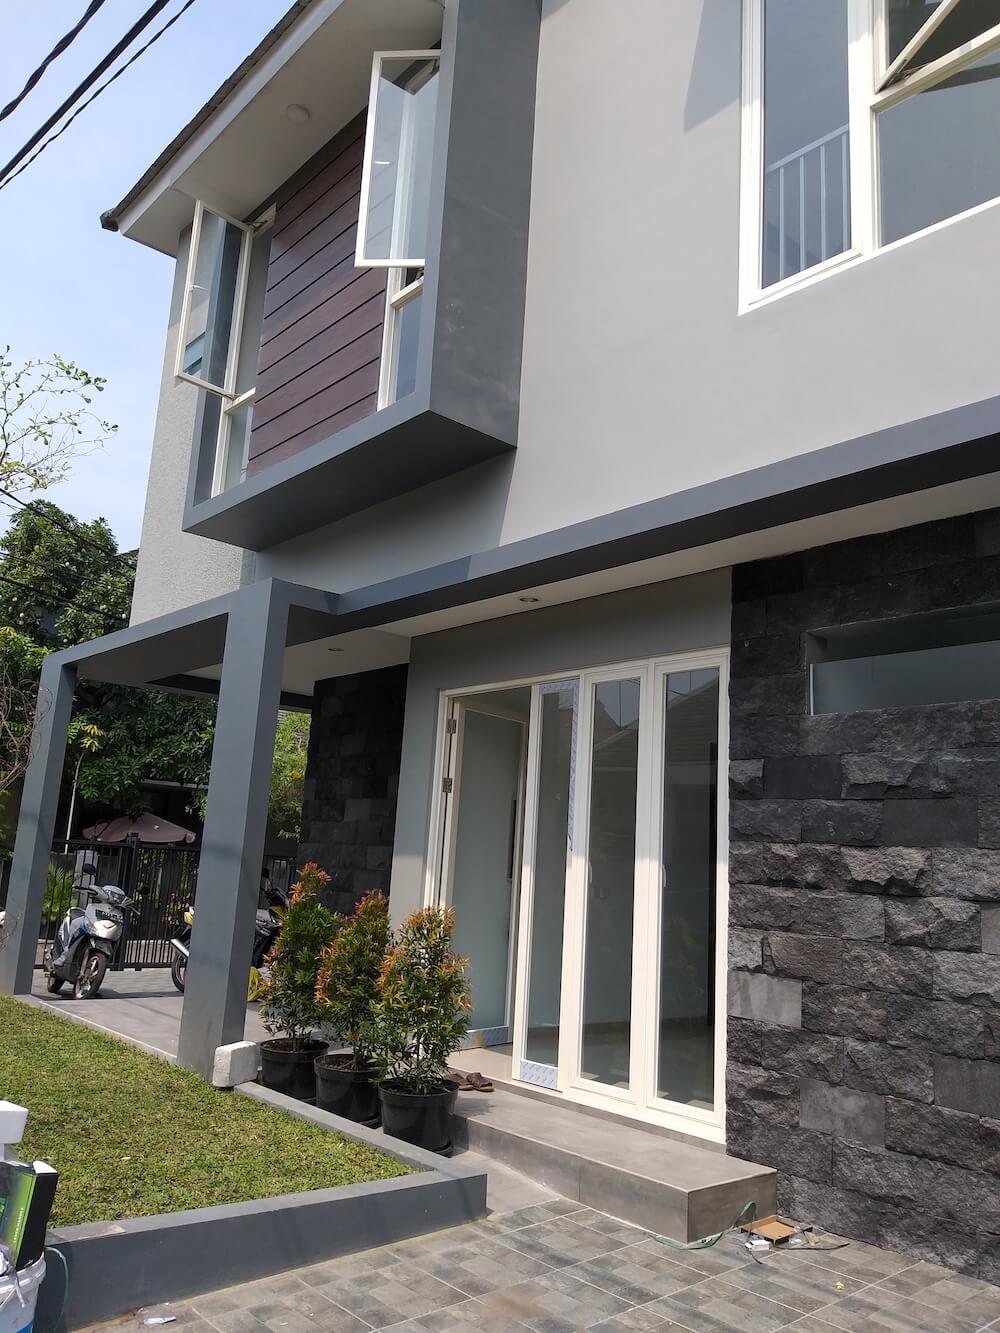 Jual Rumah Baru Semolowaru Tengah Surabaya | The EdGe